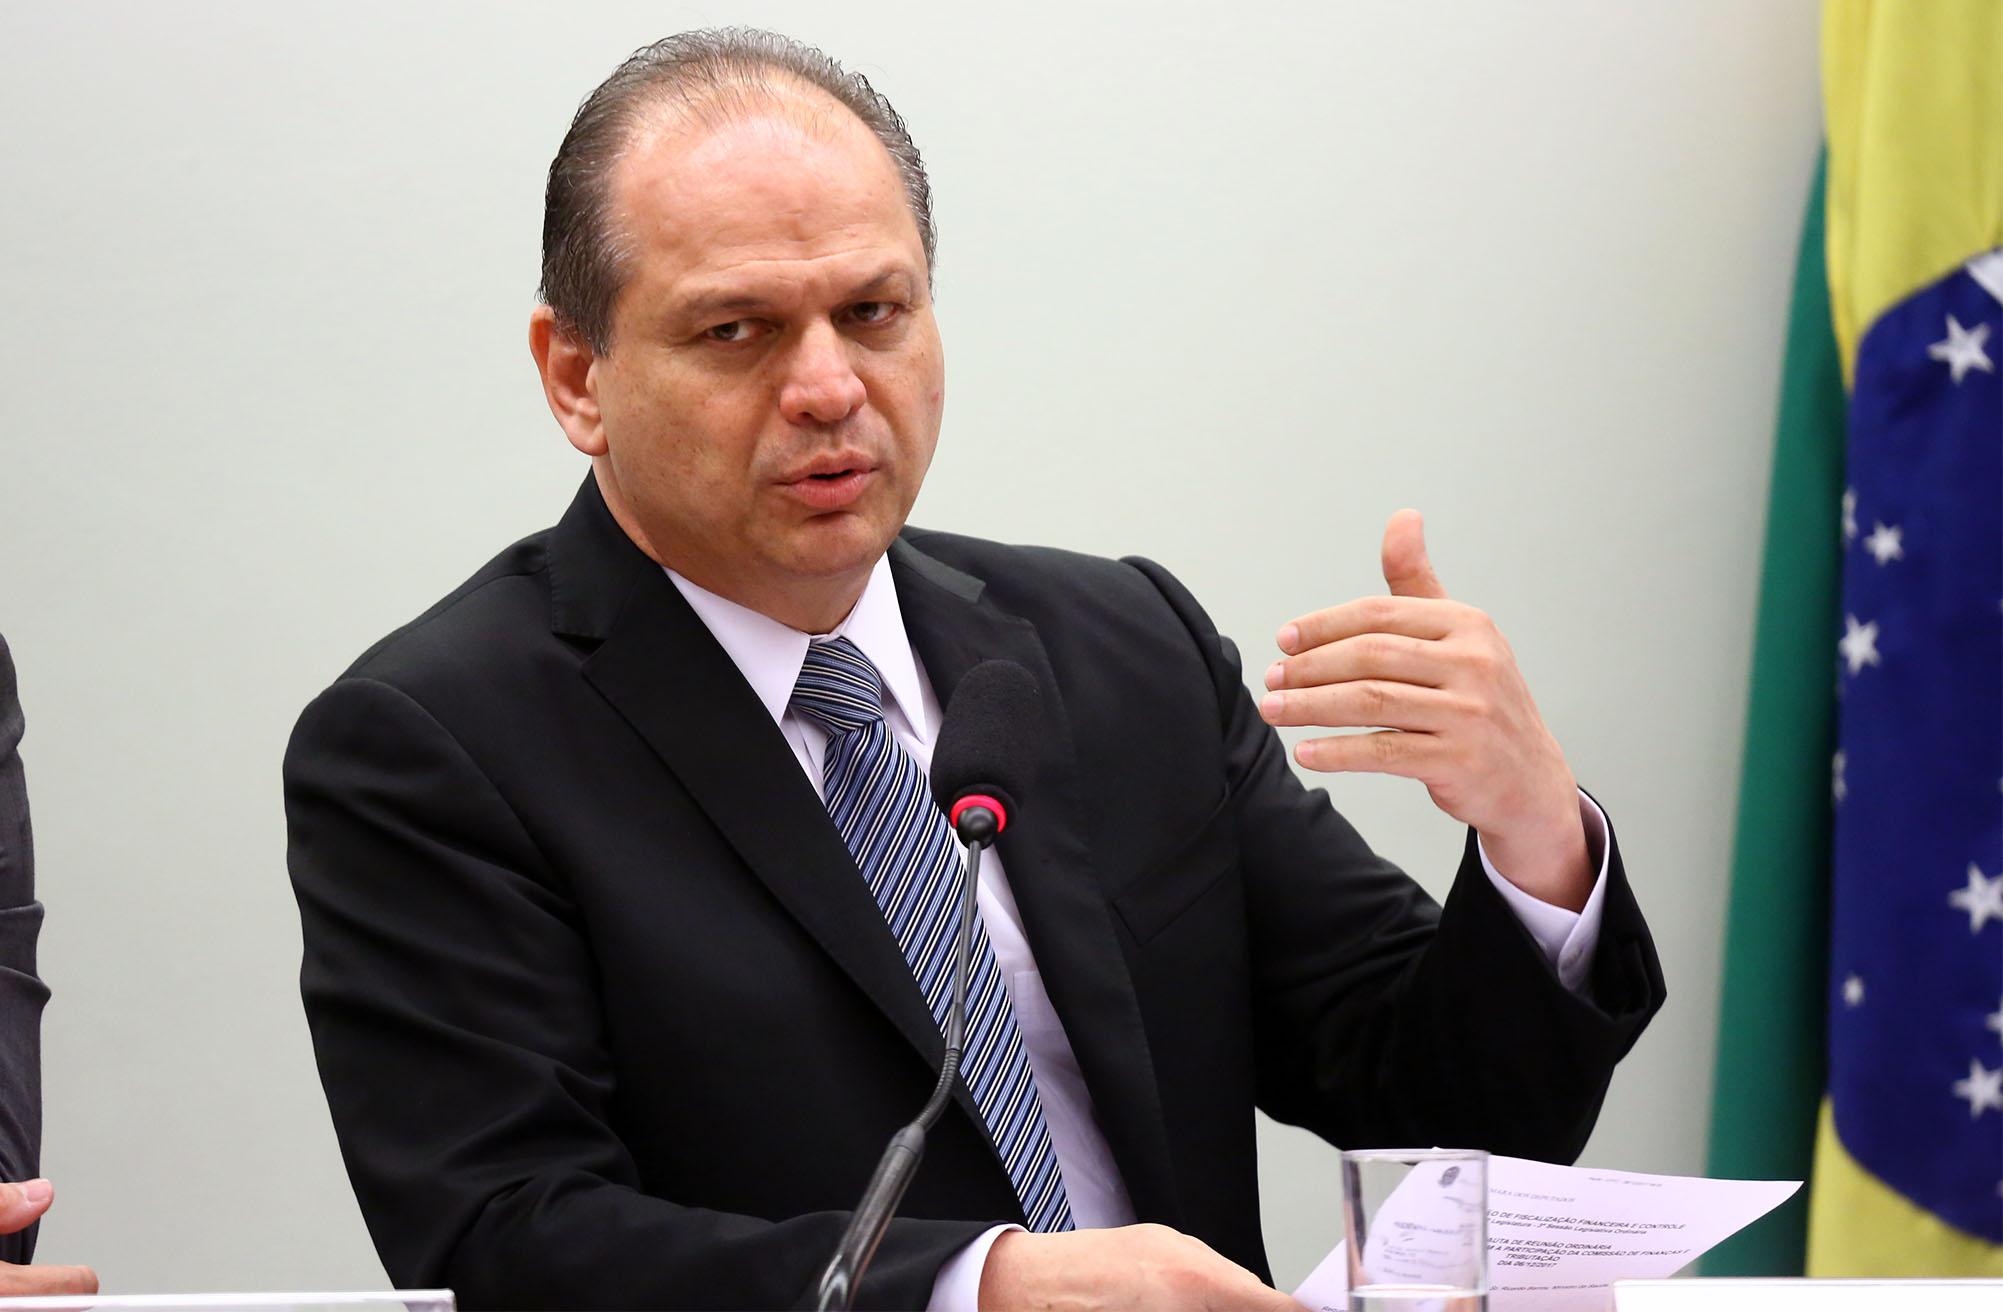 Audiência pública para explicar o processo de escolha de empresa cubana para fabricação de medicamento. Ministro da Saúde, Ricardo Barros